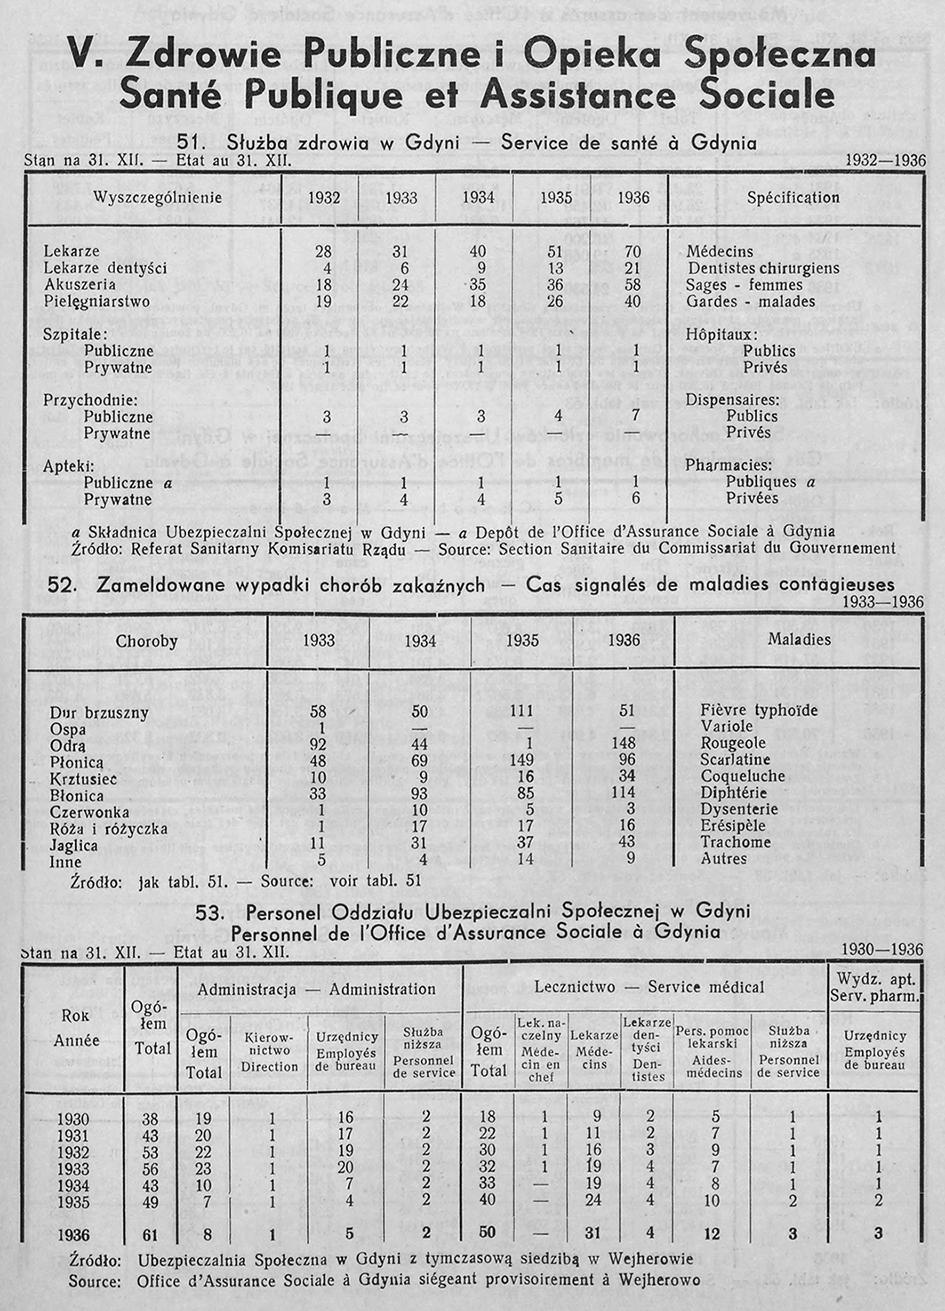 ZDROWIE PUBLICZNE I OPIEKA SPOŁECZNA, [W:] ROCZNIK STATYSTYCZNY GDYNI, REDAKCJA BOLESŁAW POLKOWSKI KIEROWNIK BIURA STATYSTYCZNEGO, GDYNIA 1937